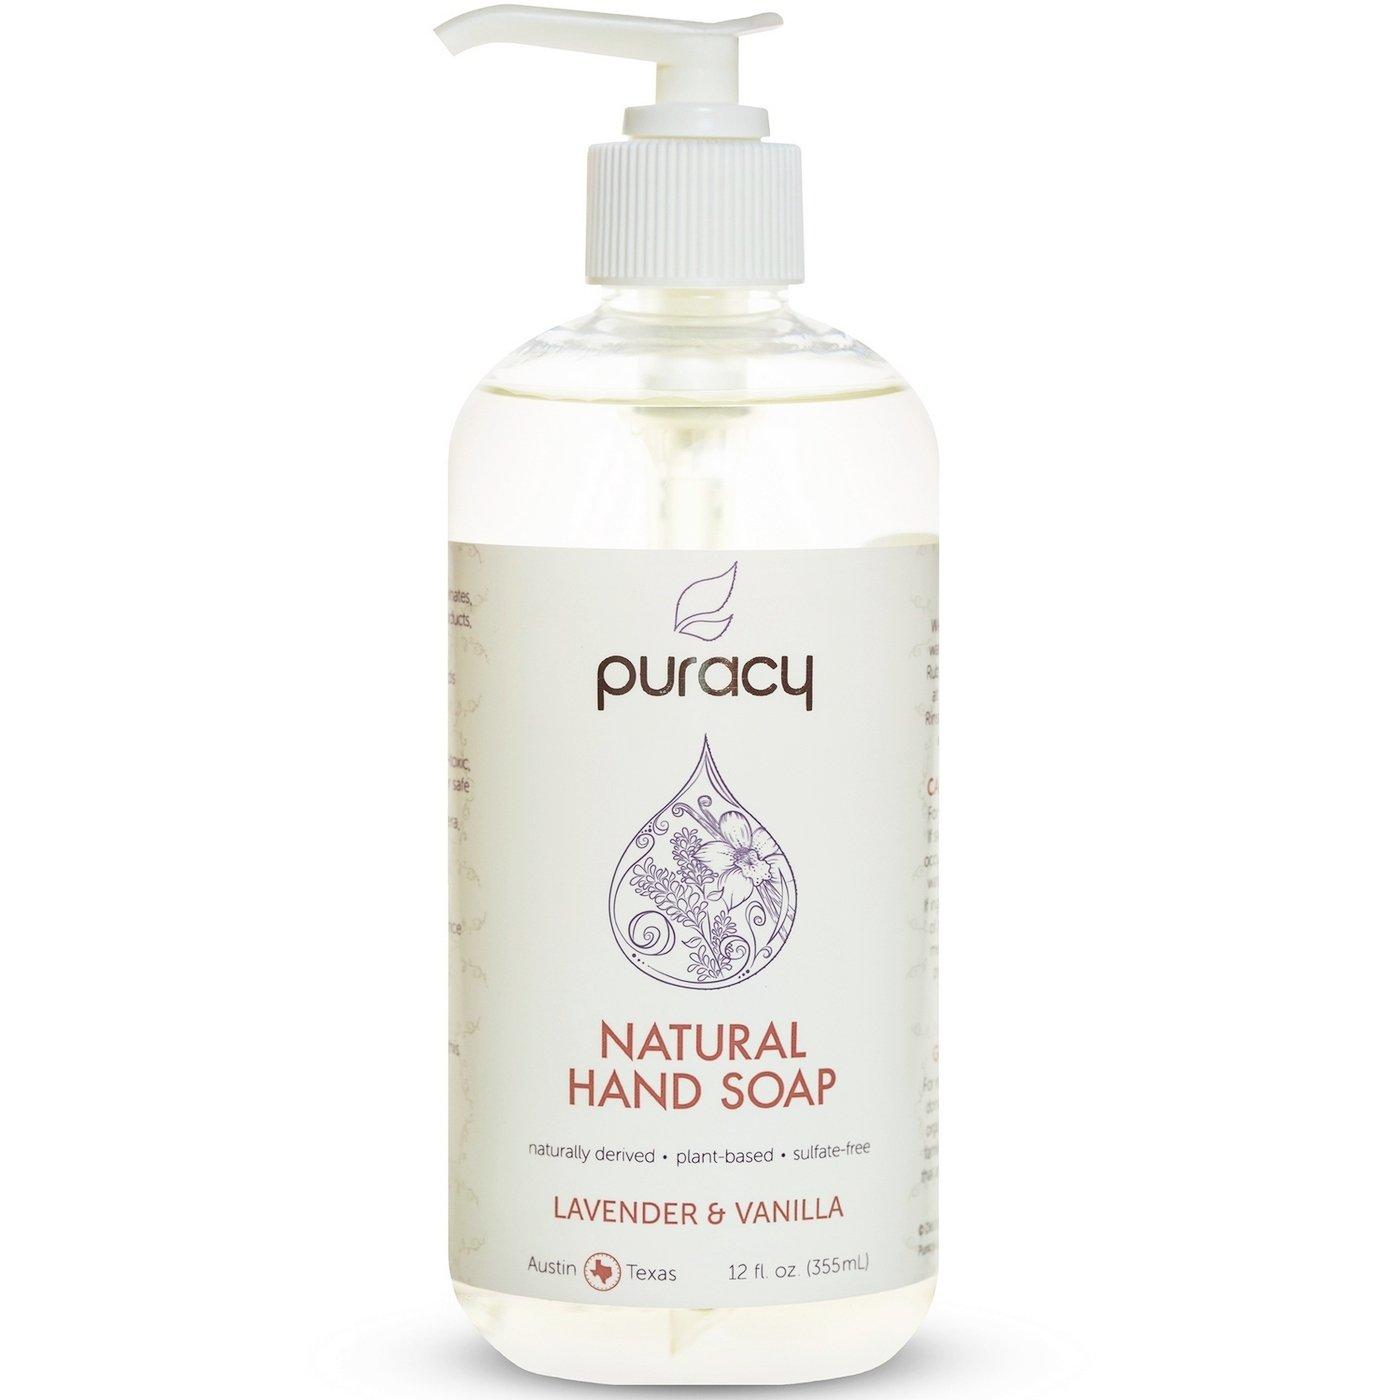 Natural Liquid Hand Soap - Sulfate-Free - Plant-Based - Non-Toxic - Lavender & Vanilla 12 FL. OZ. PUMP